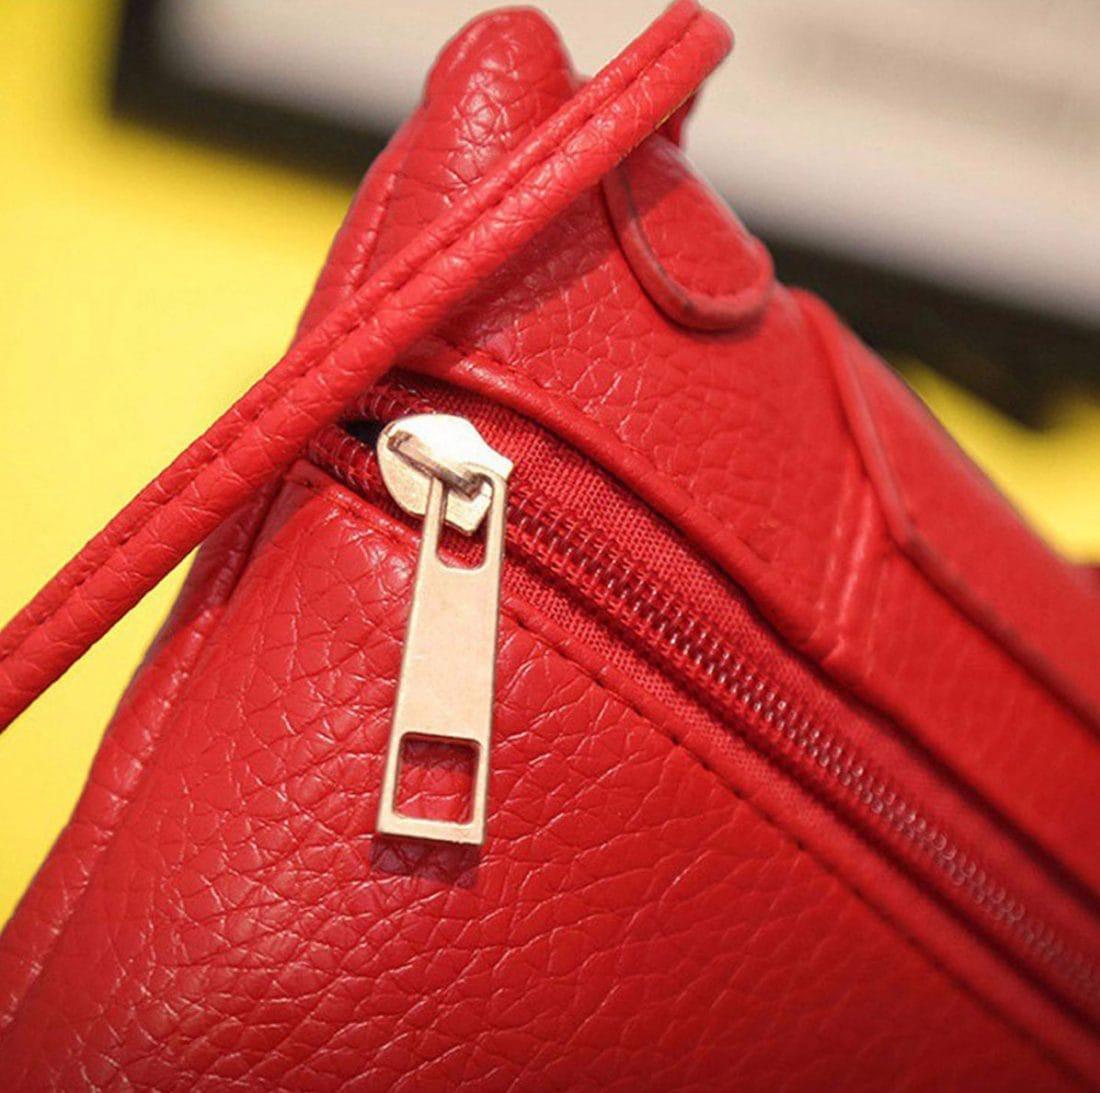 M0192 red3 Clutches Purses Wallets maureens.com boutique